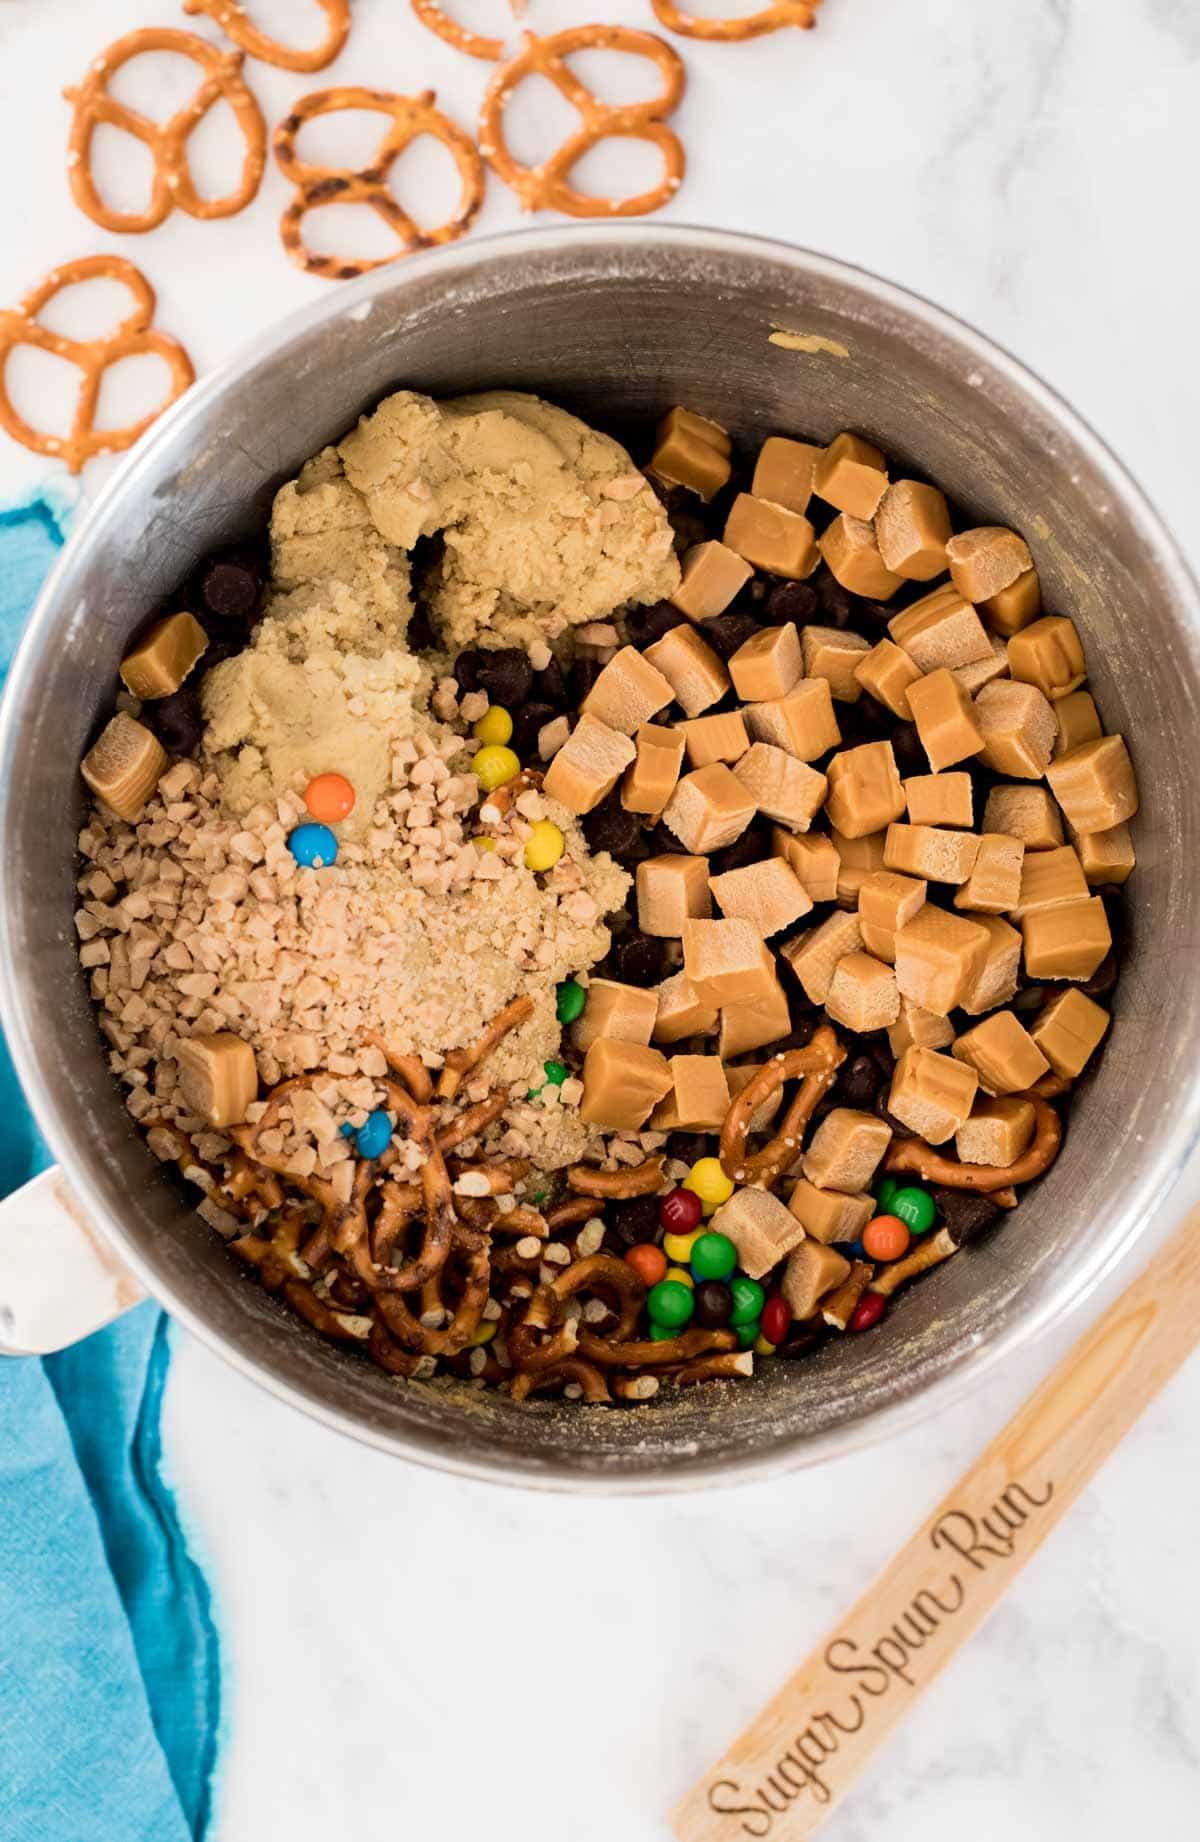 Kitchen sink cookie ingredients